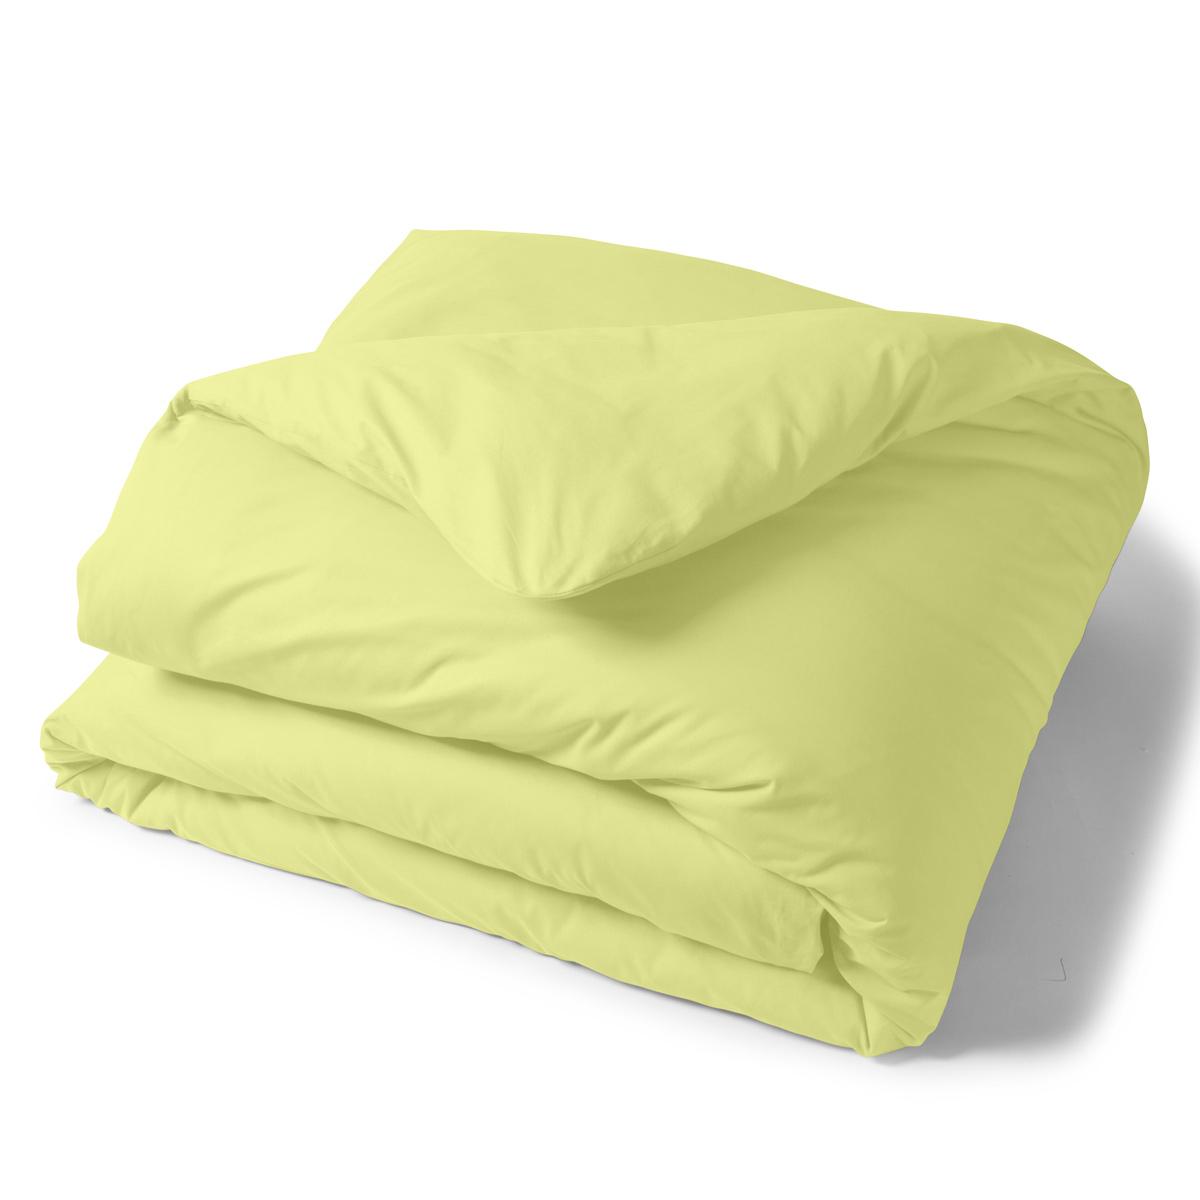 Housse de couette unie coton linge de lit de qualit for Housse de couette coton